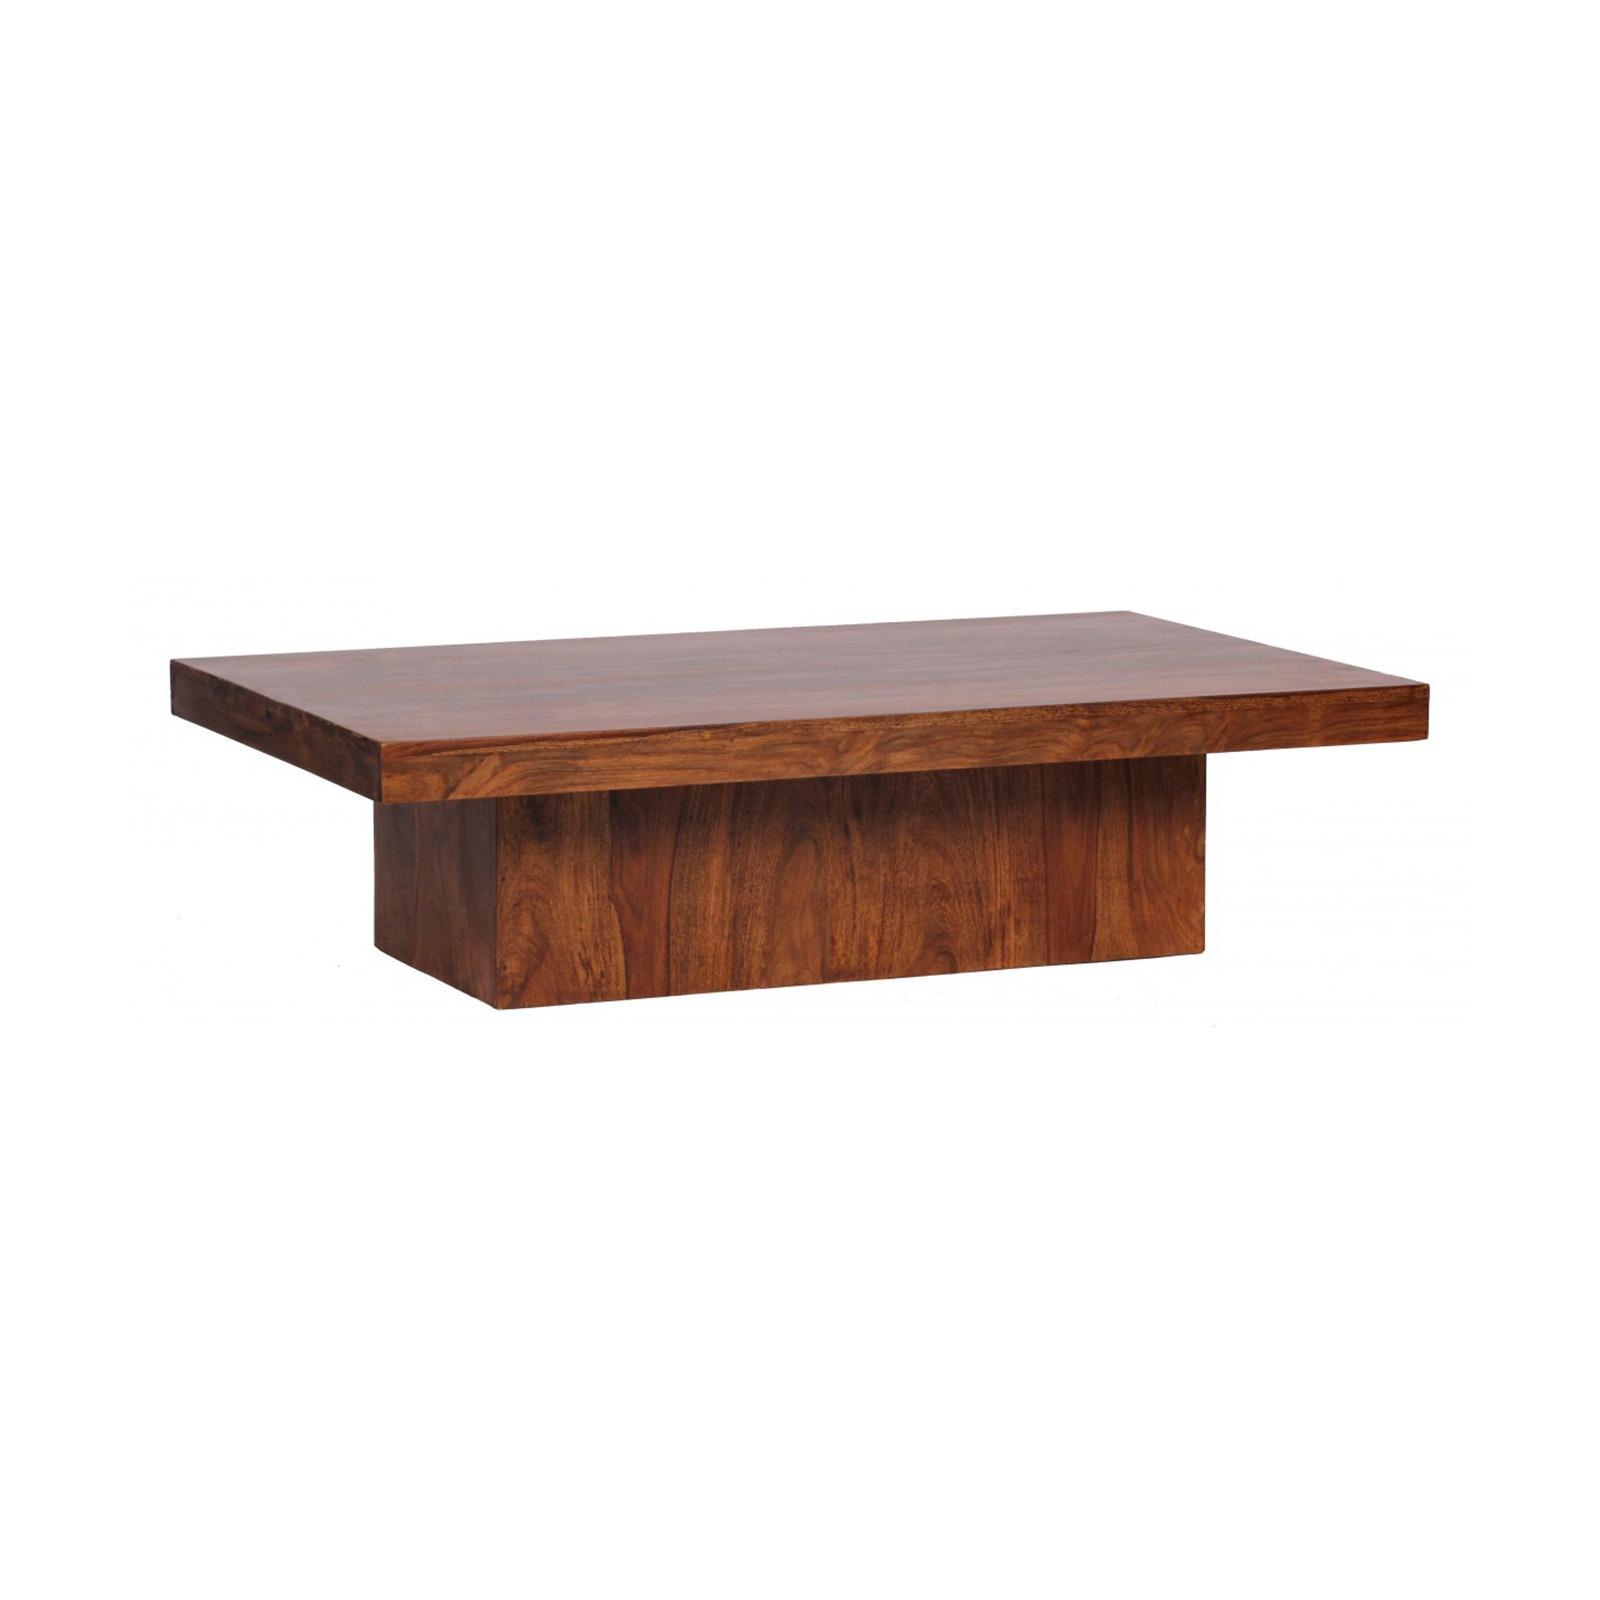 Wunderbar Couchtisch Massivholz Ideen Von Sheesham 120x70x30cm Wohnzimmertisch Tisch Wohnzimmer Holz